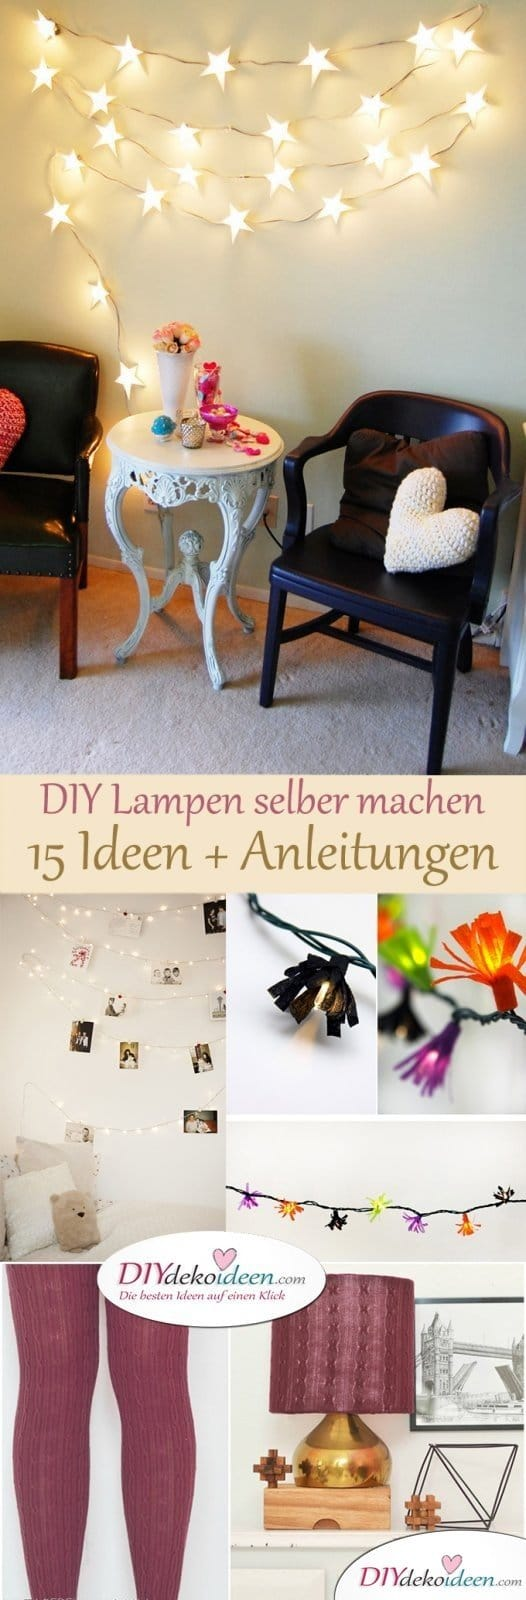 DIY Lampen Selber Machen U2013 Die Schönsten Bastelideen Für Dein Zimmer